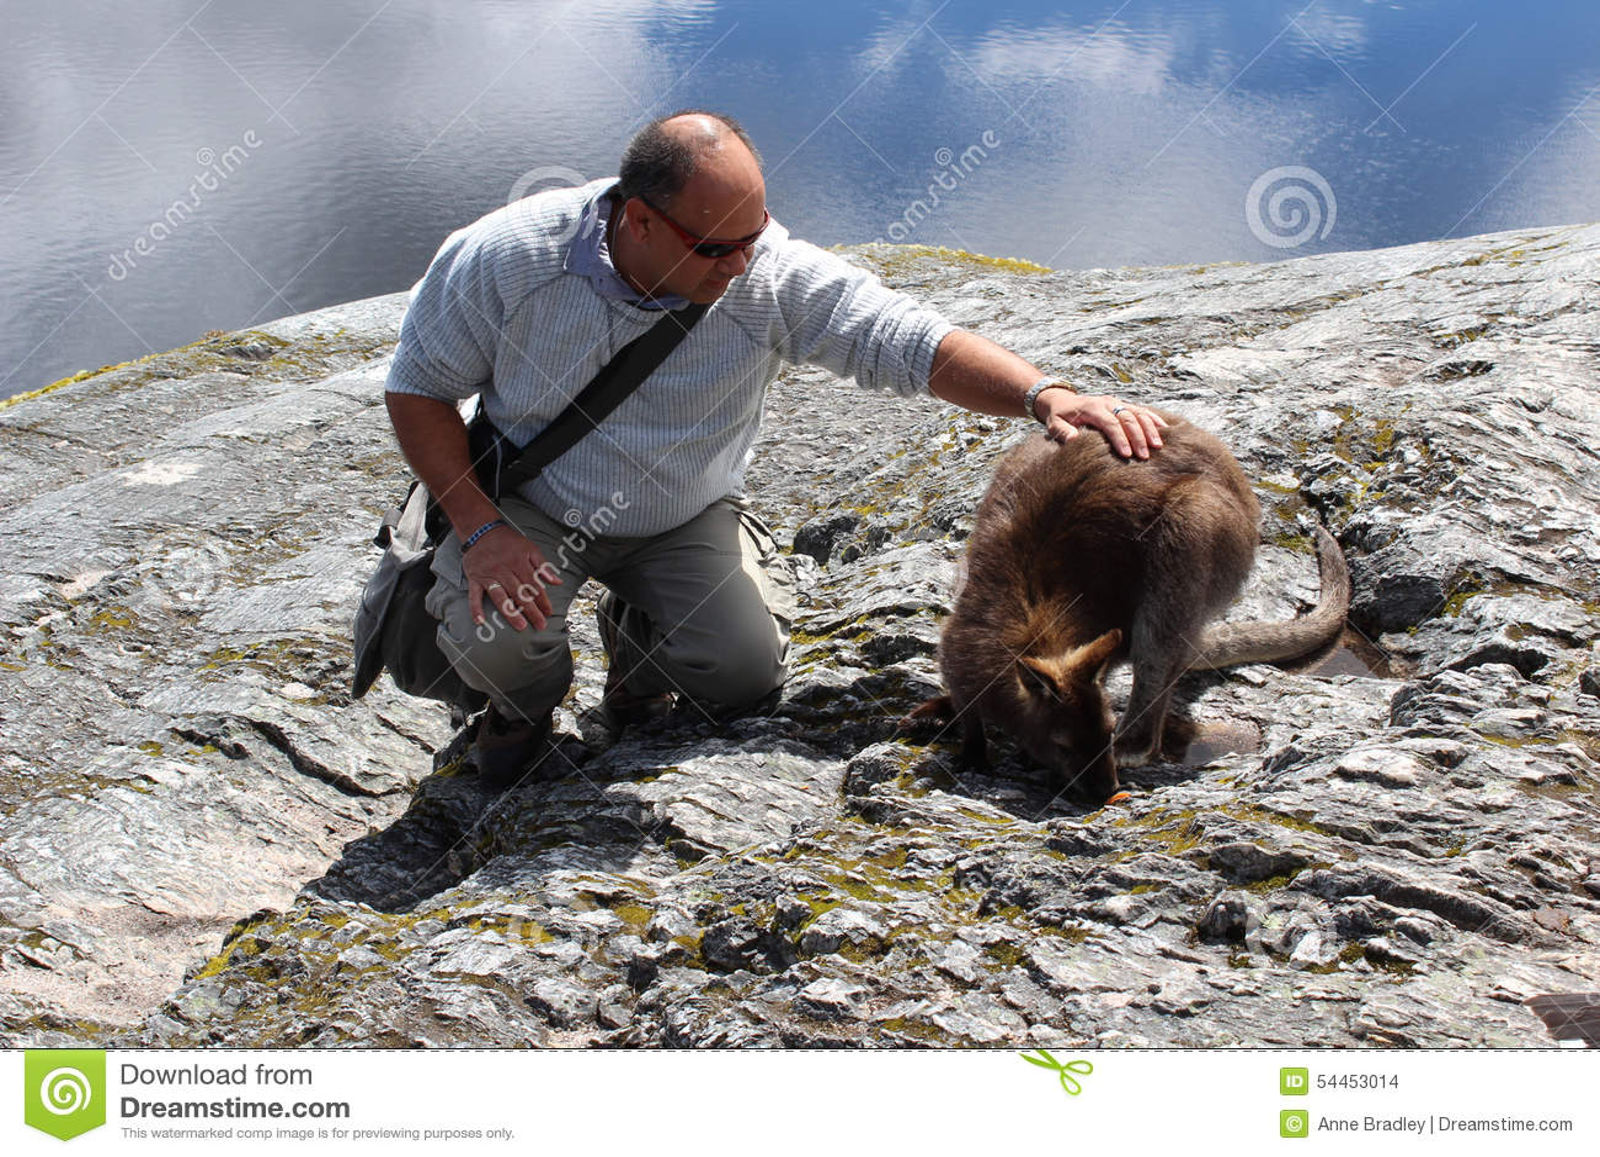 Toerist die een kangoeroe tikken